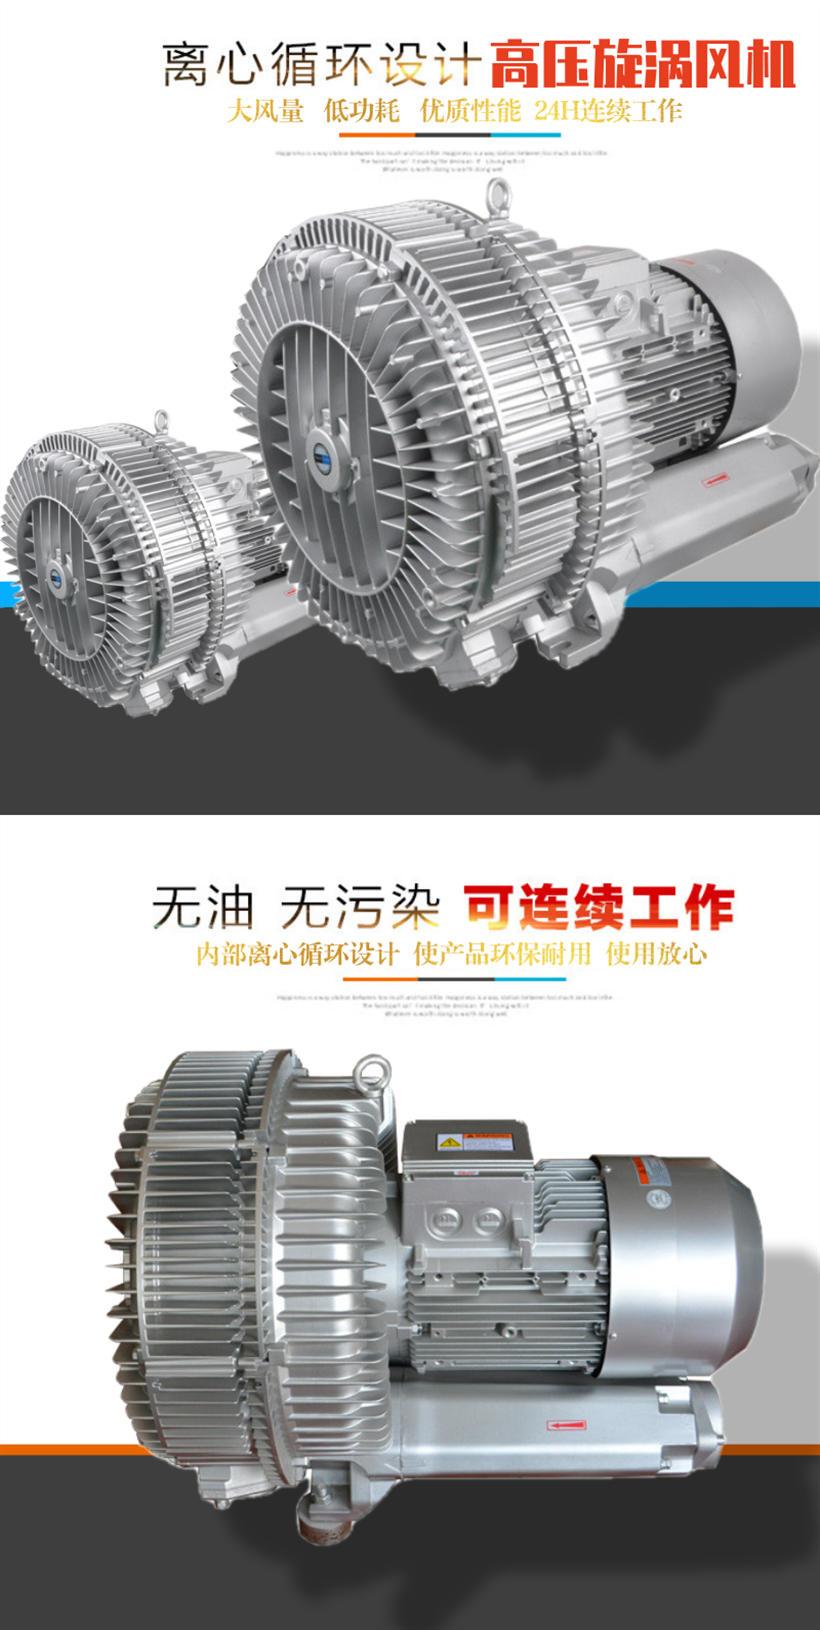 厂家3KW高压风机漩涡气泵 注塑机高压漩涡鼓风机示例图2